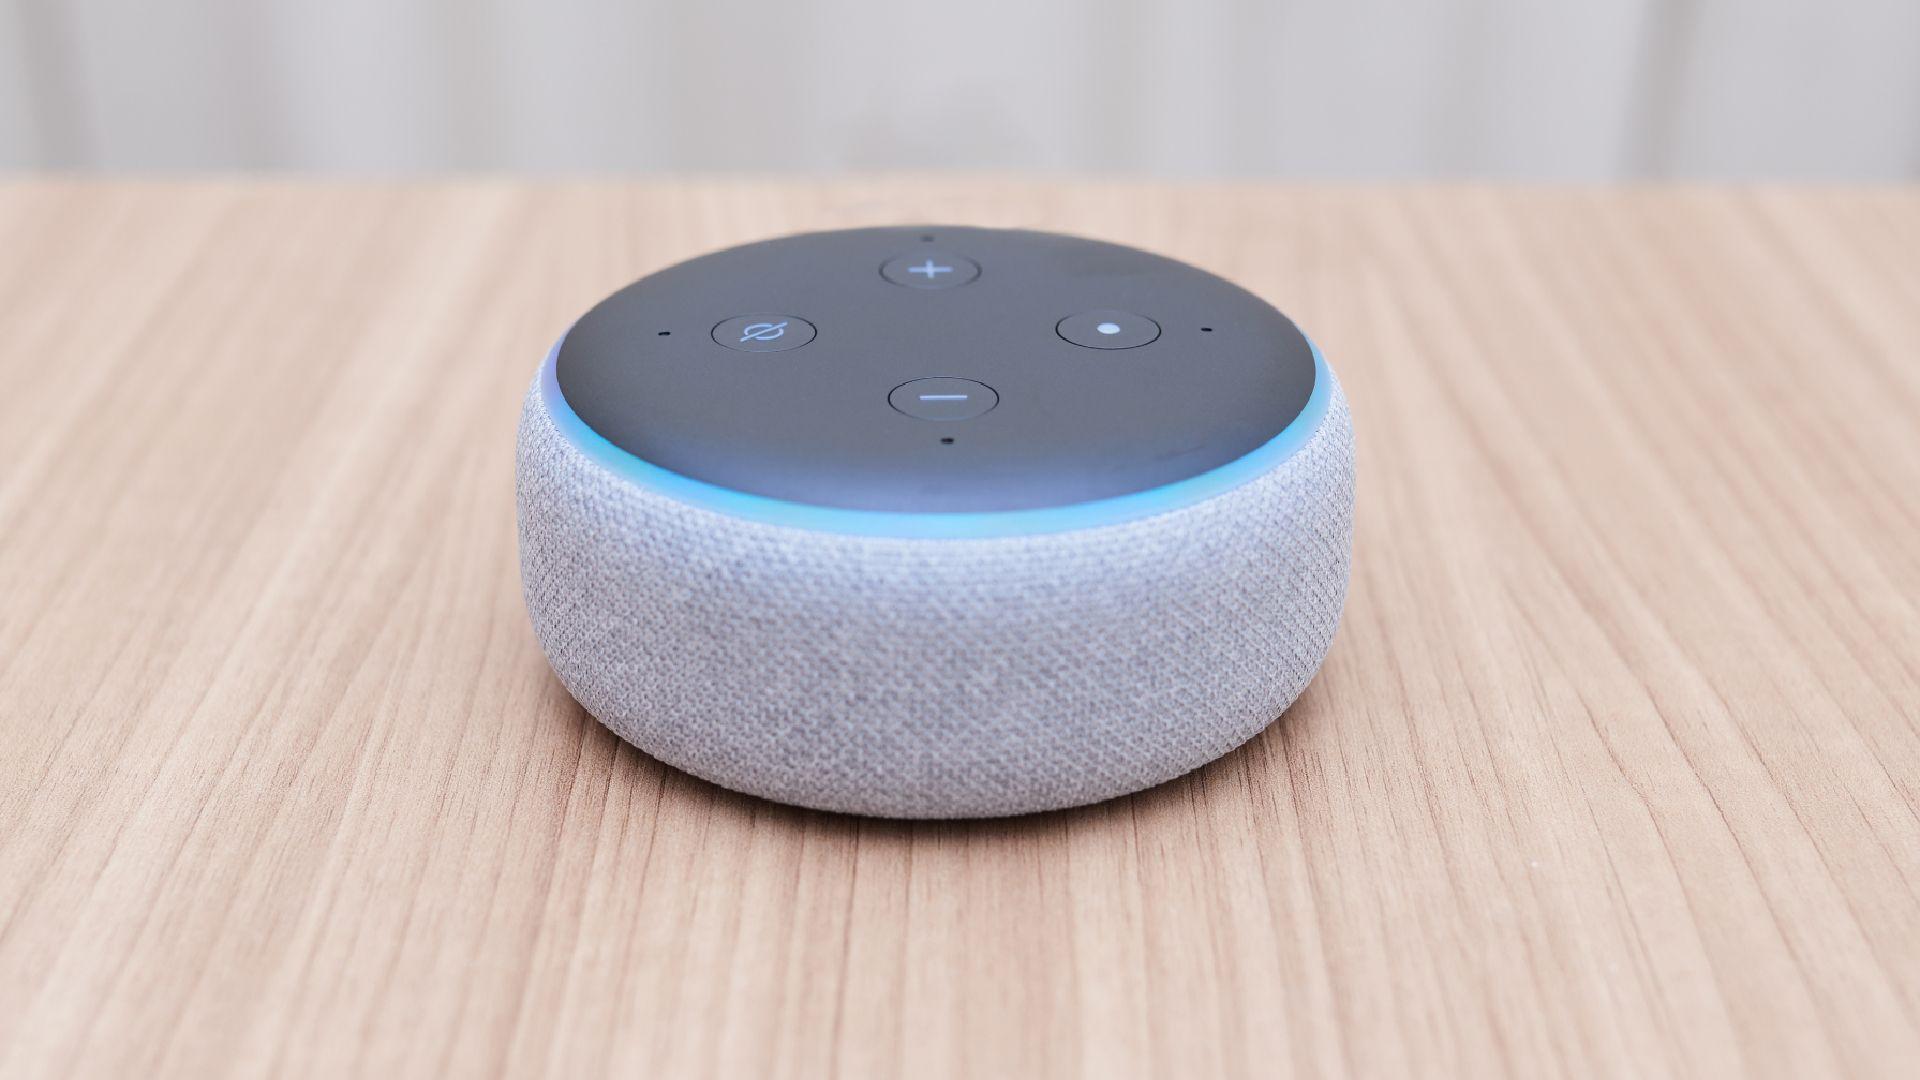 Amazon Echo Dot 3ª geração. (Imagem: Reprodução/Shutterstock)